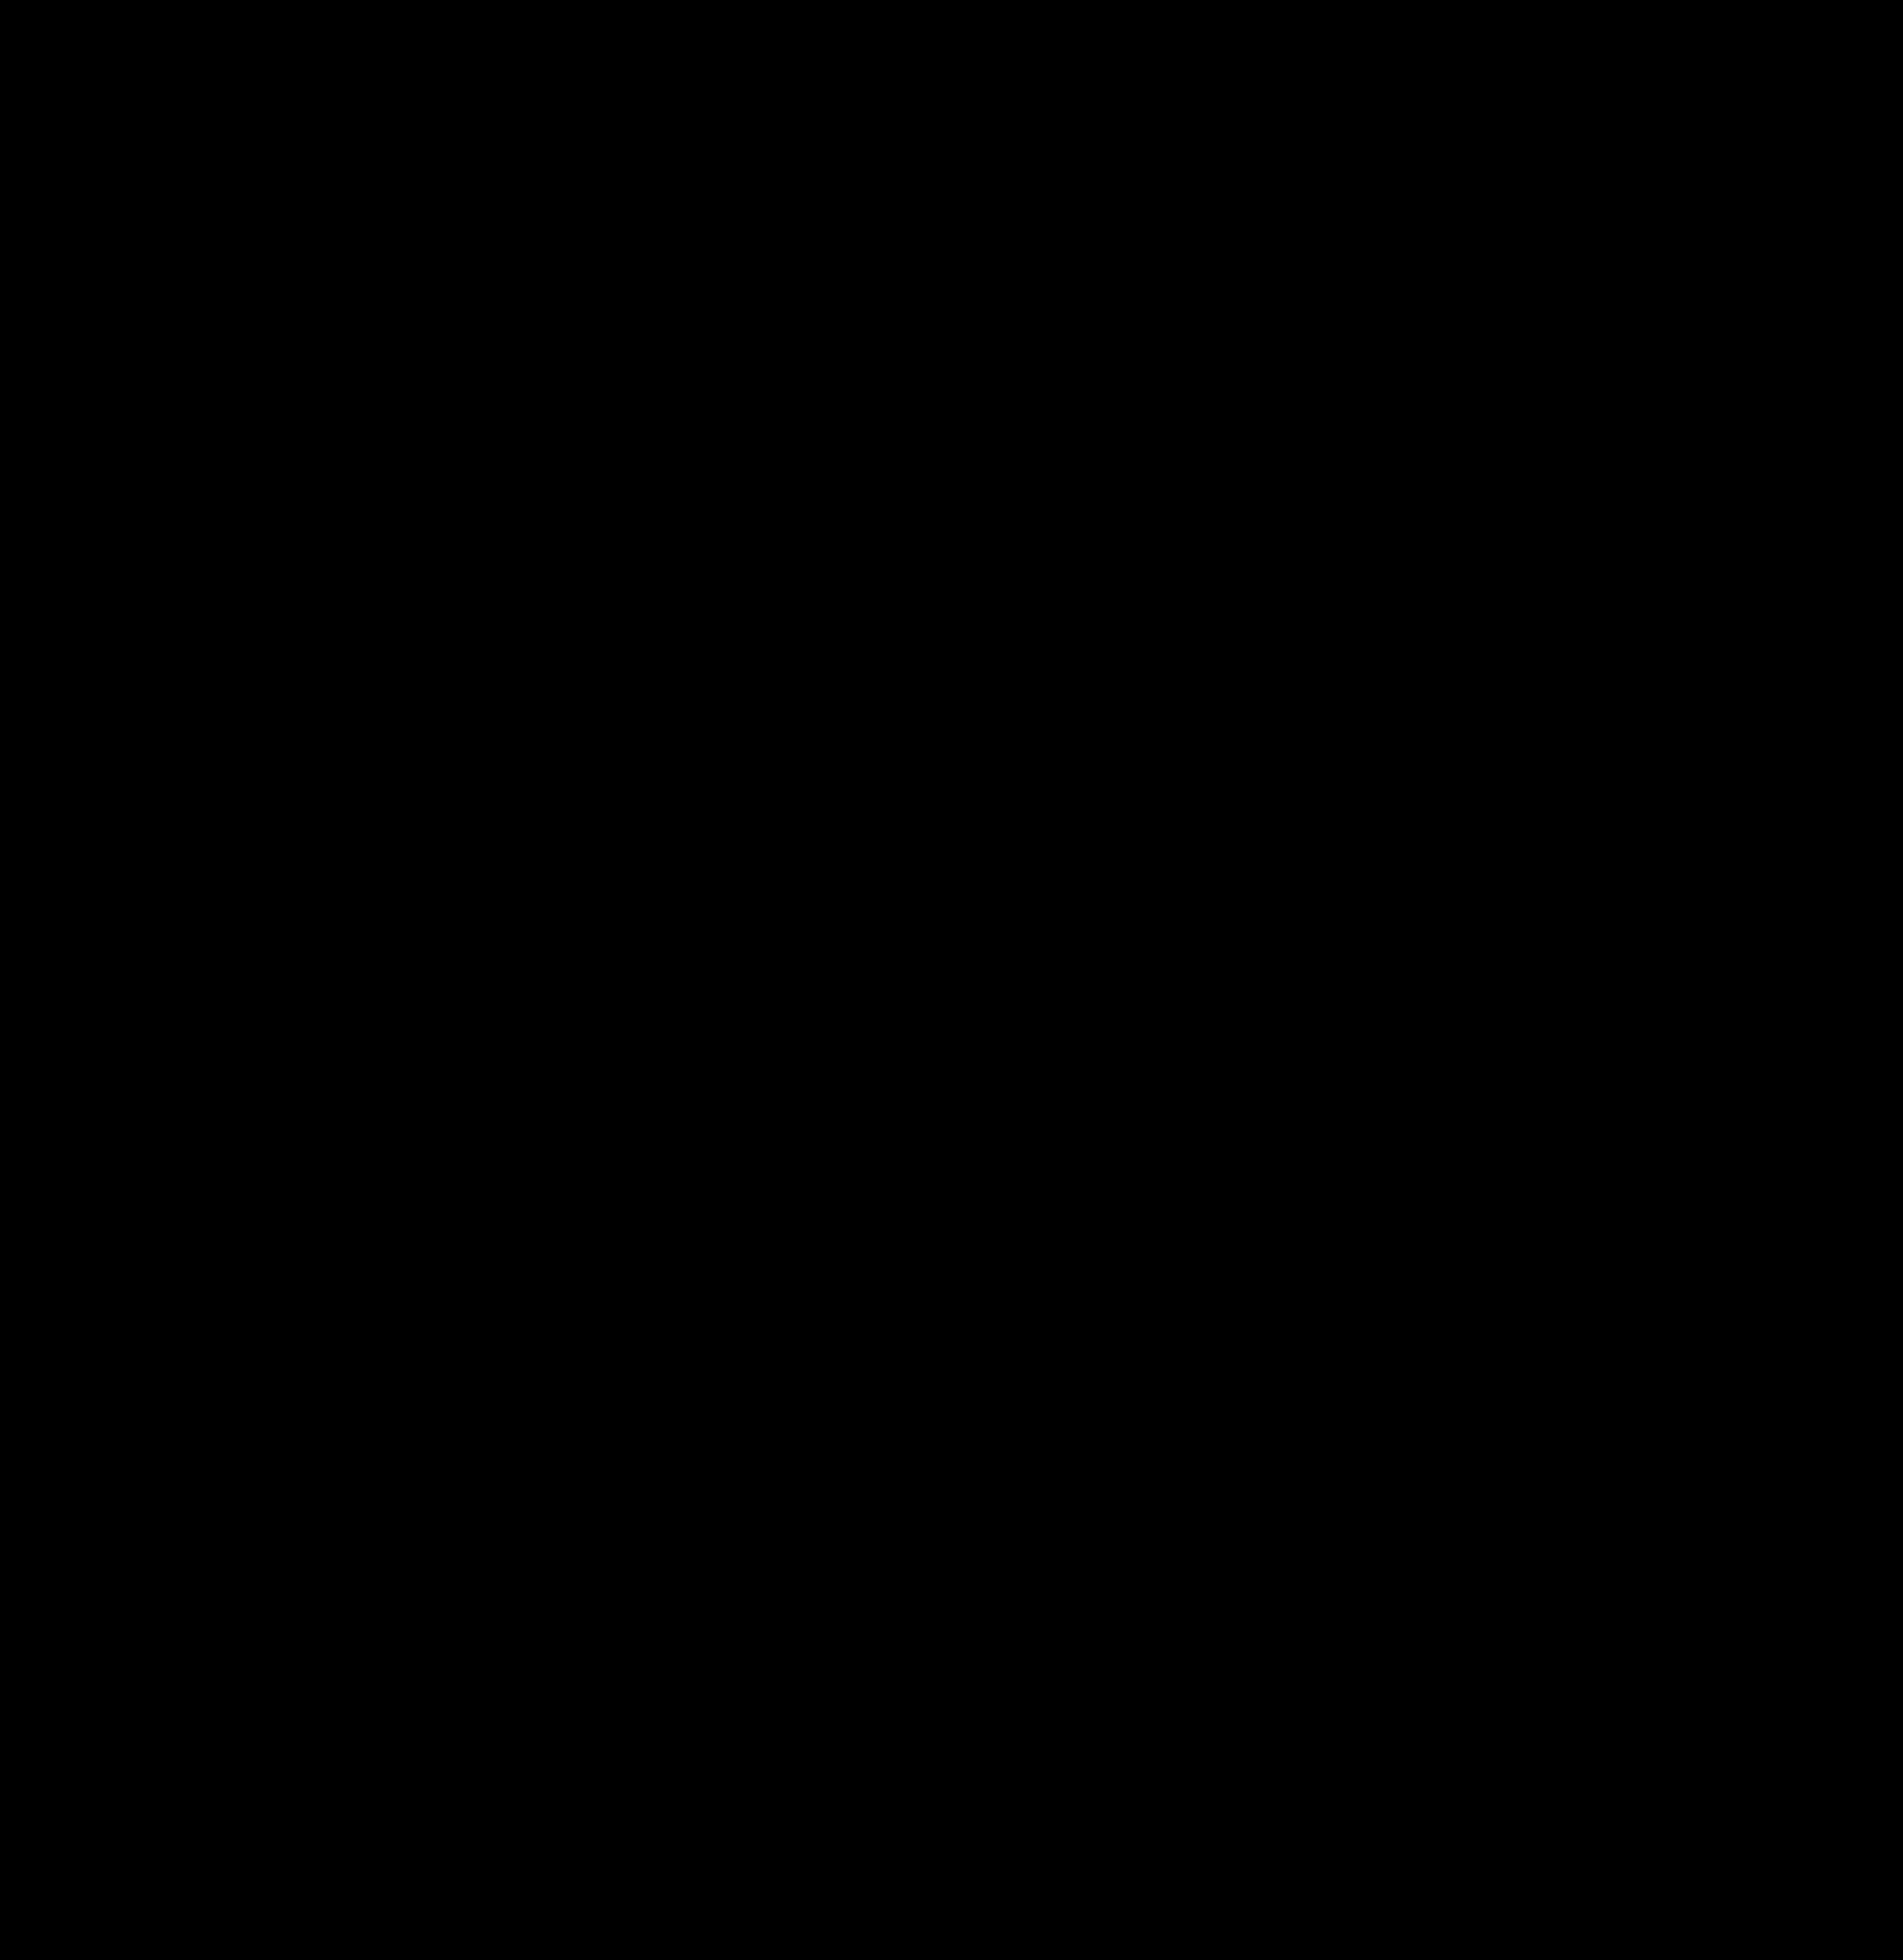 Terapia ocupacional unipamplona practica de seguridad y salud en el trabajo - Horario oficina seguridad social ...